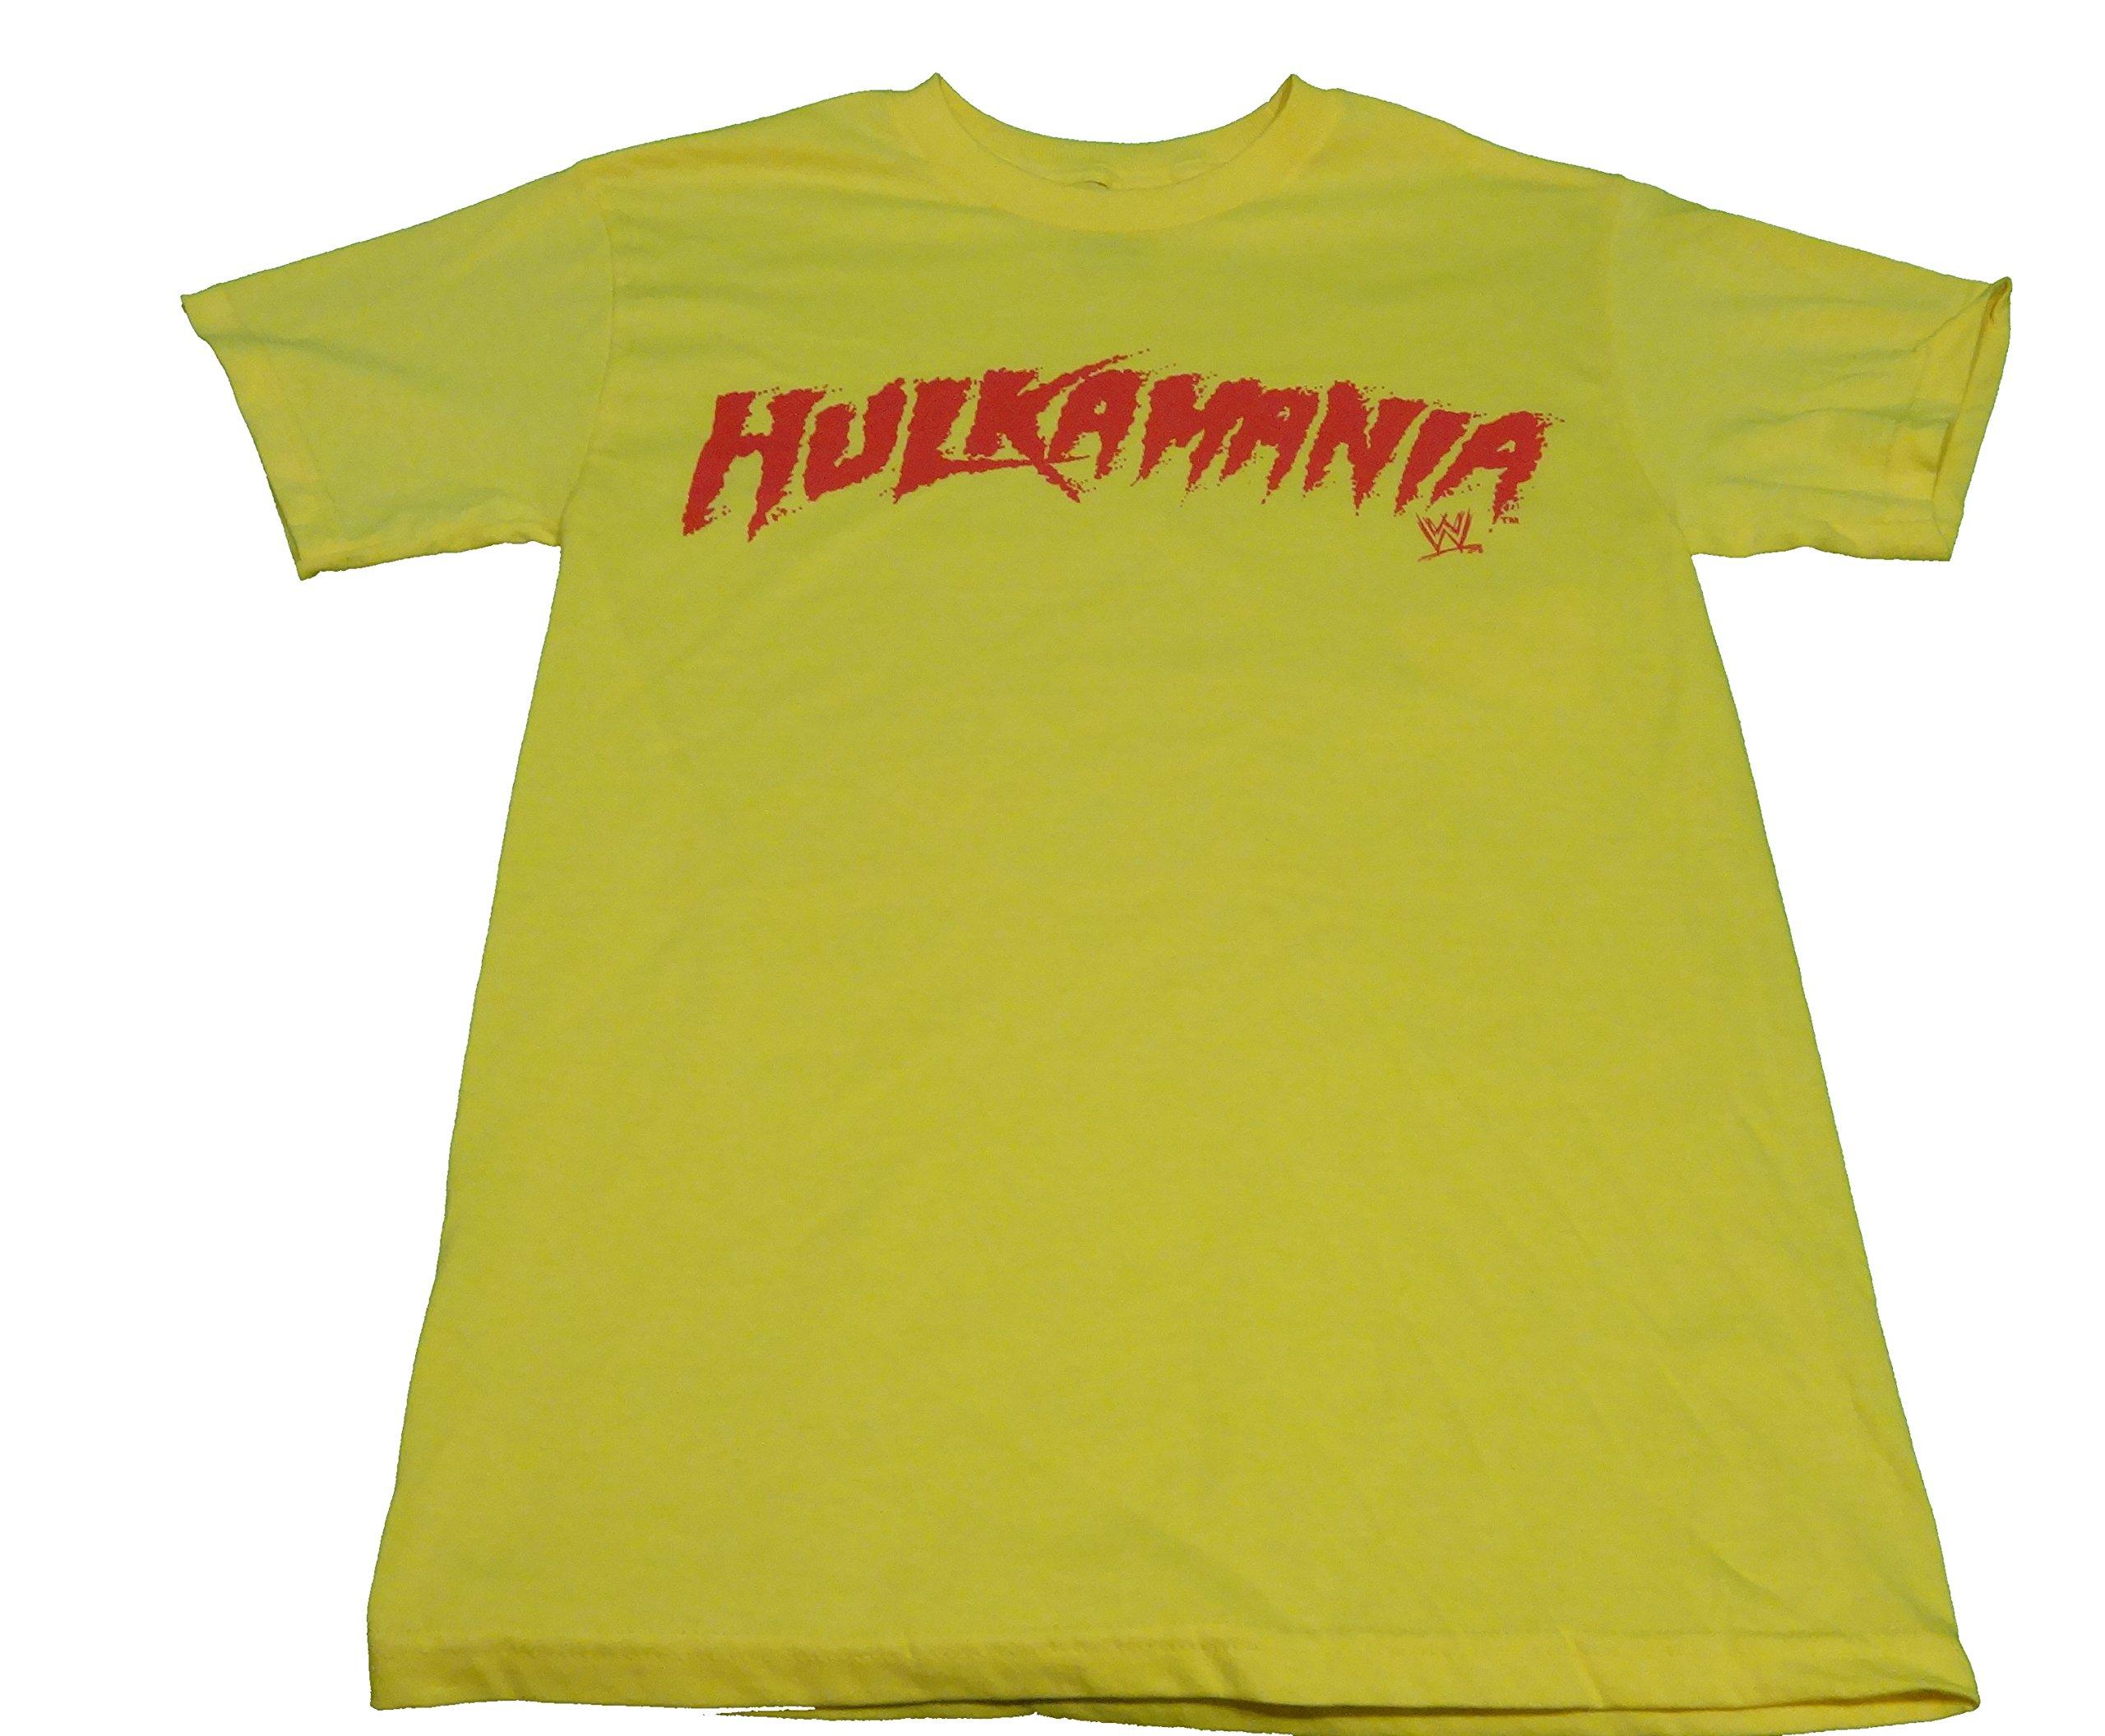 Wwe Hulk Hogan Hulkamania D Graphic T Shirt